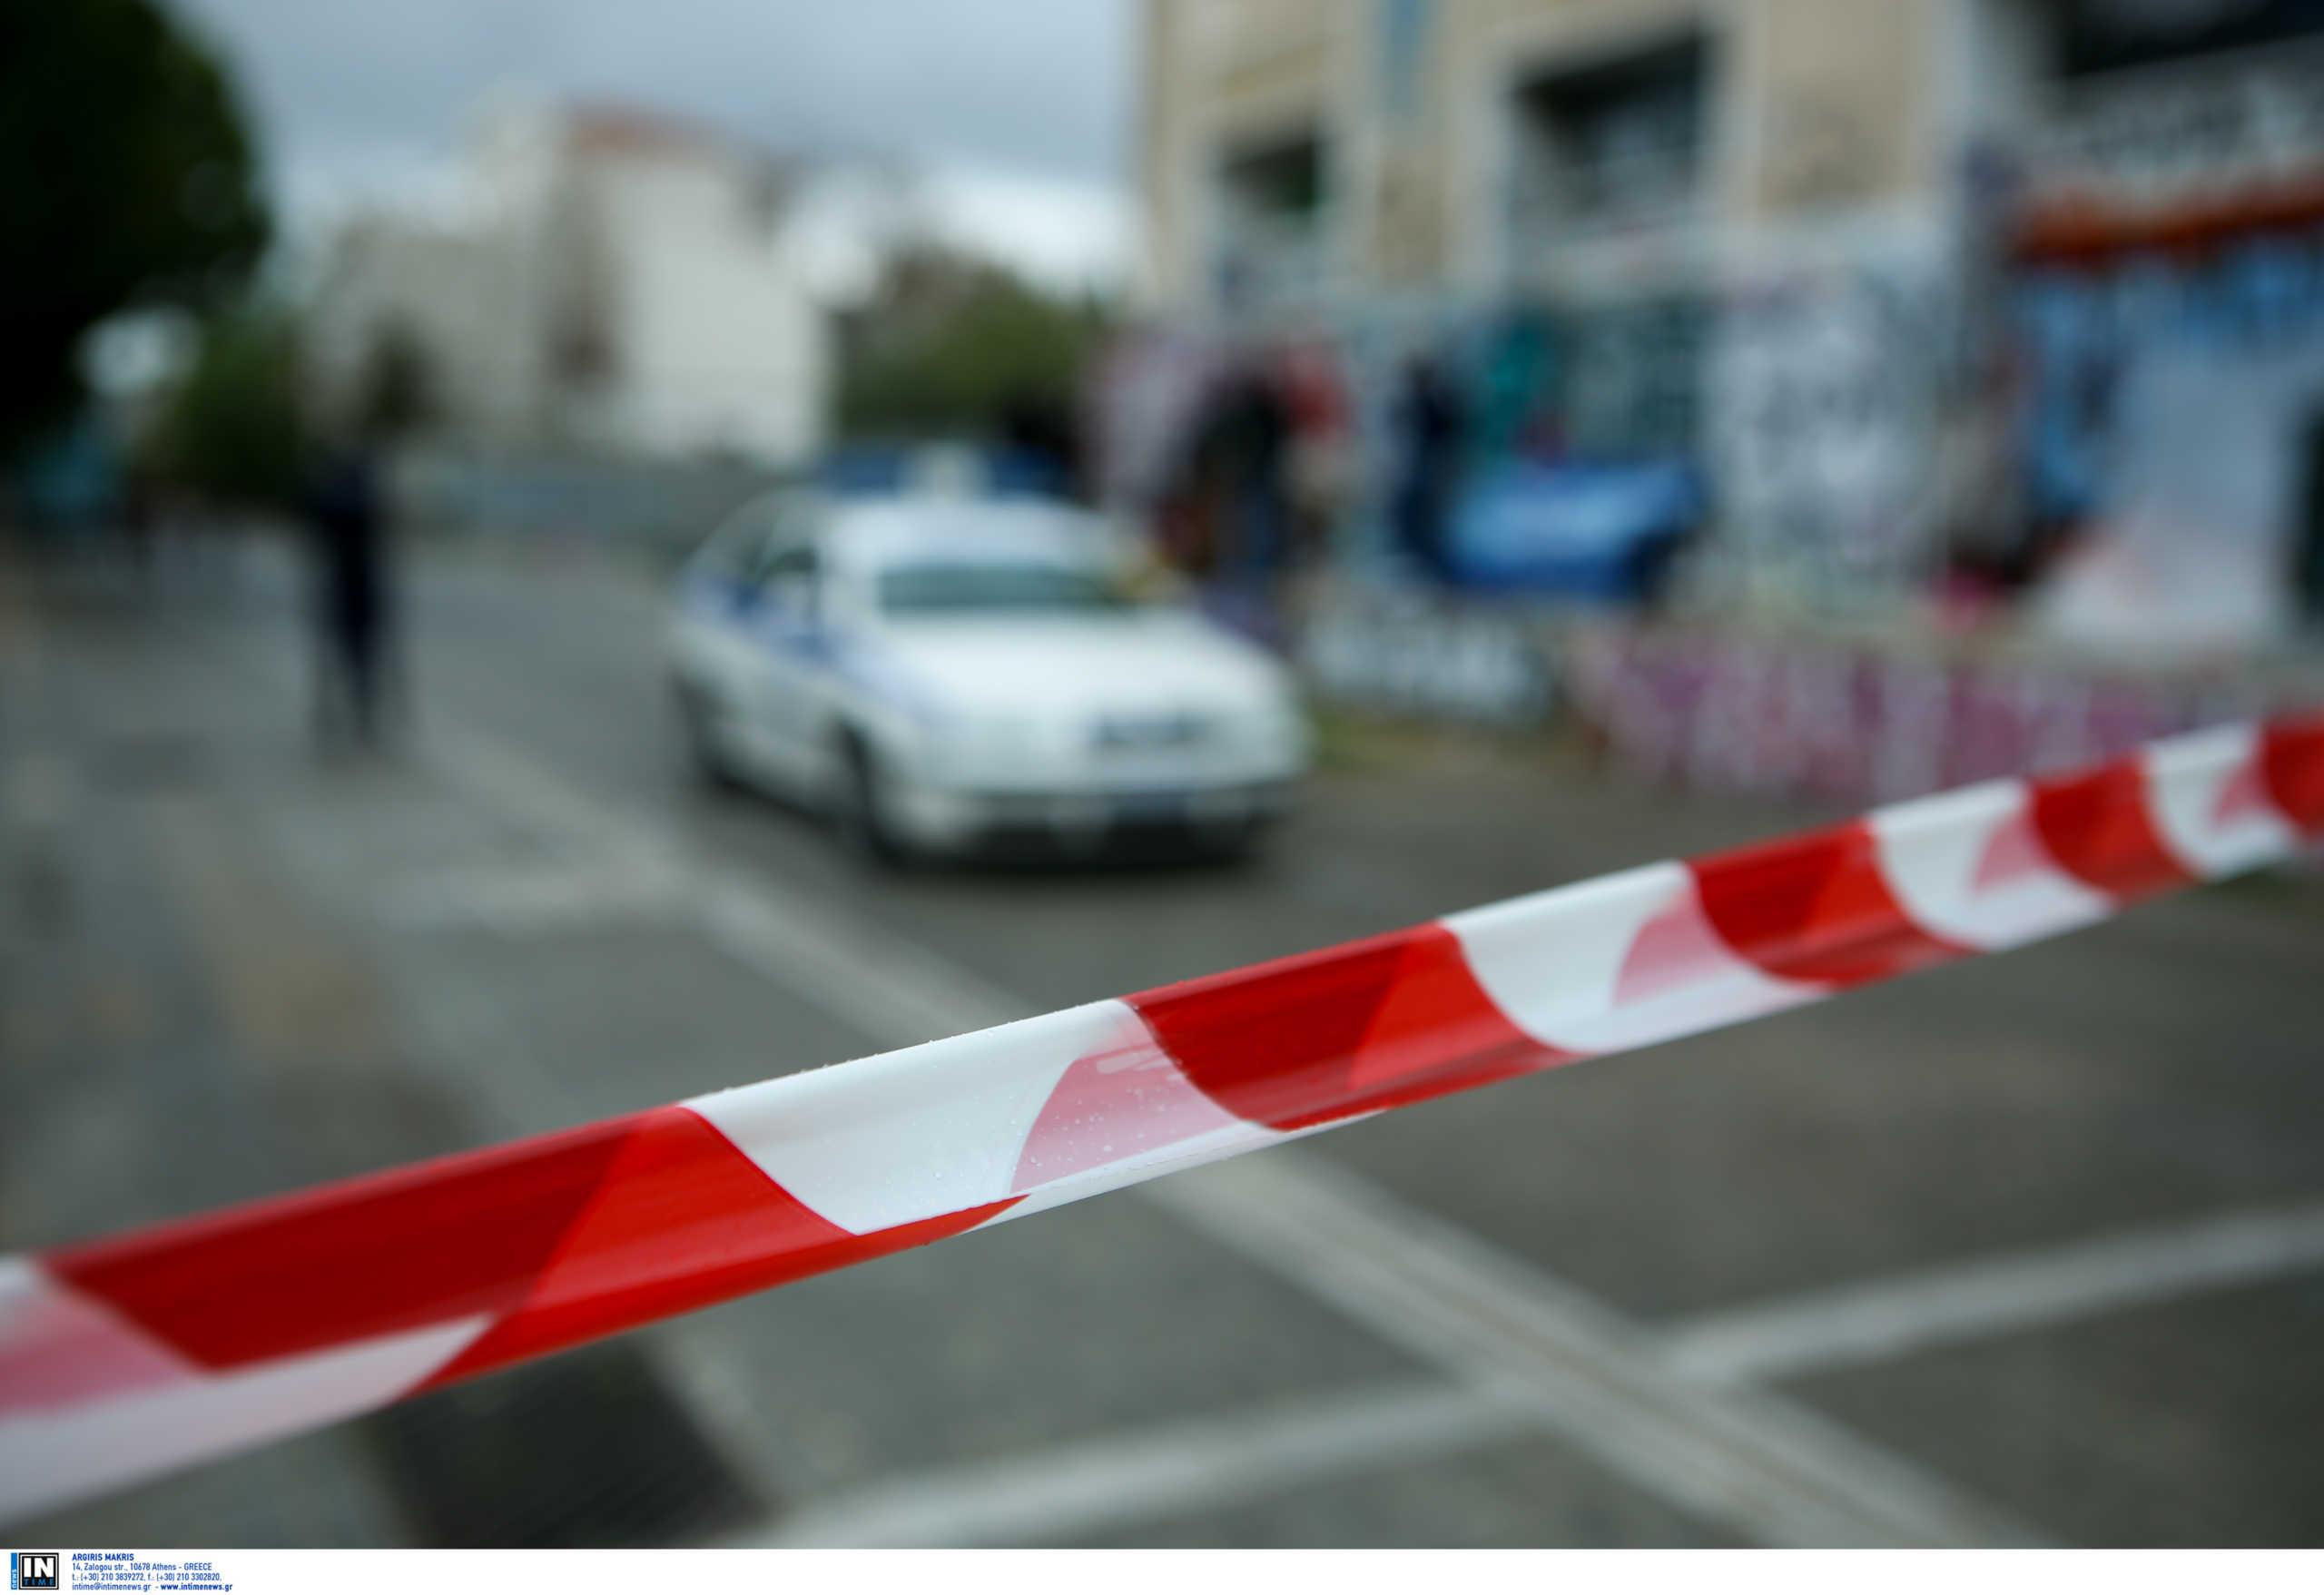 Θεσσαλονίκη: Διακινητής μεταναστών χωρίς άδεια οδήγησης! Τον τσάκωσαν στην περιοχή των ΚΤΕΛ